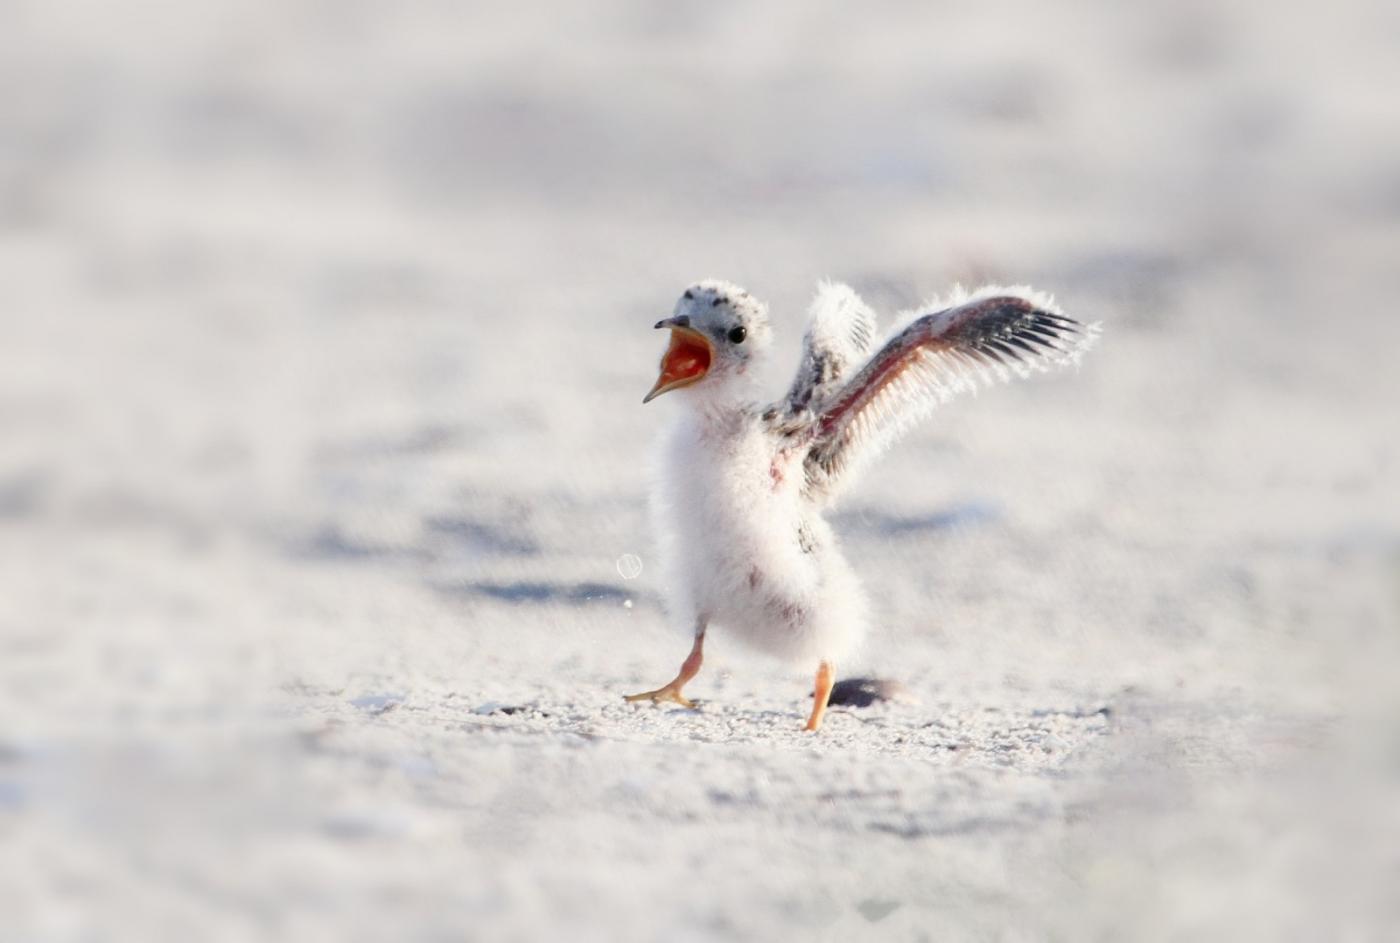 【田螺摄影】黄嘴燕鸥整个出生成长的过程_图1-12